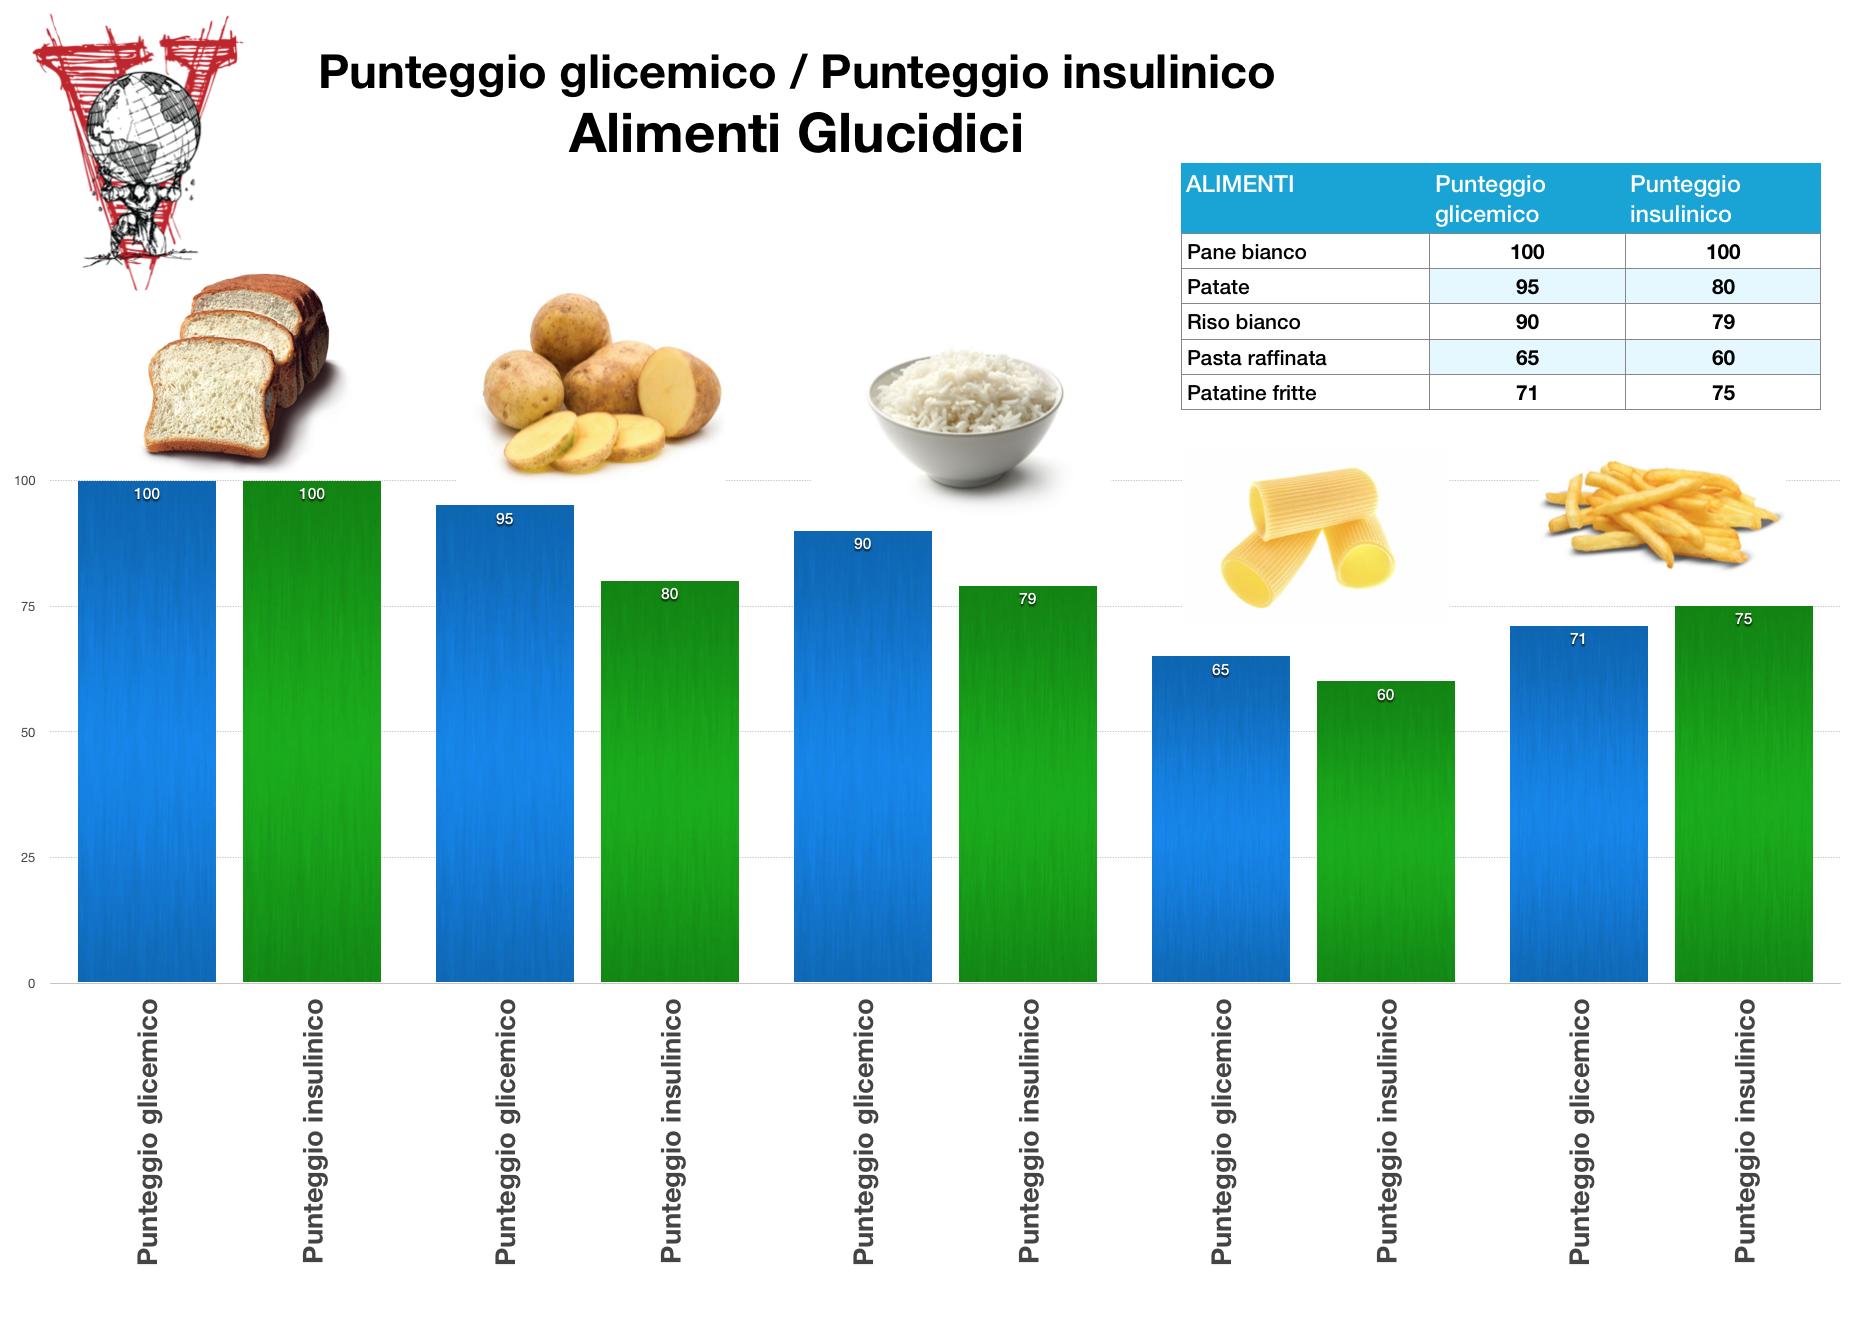 Punteggio insulinico alimenti glucidici